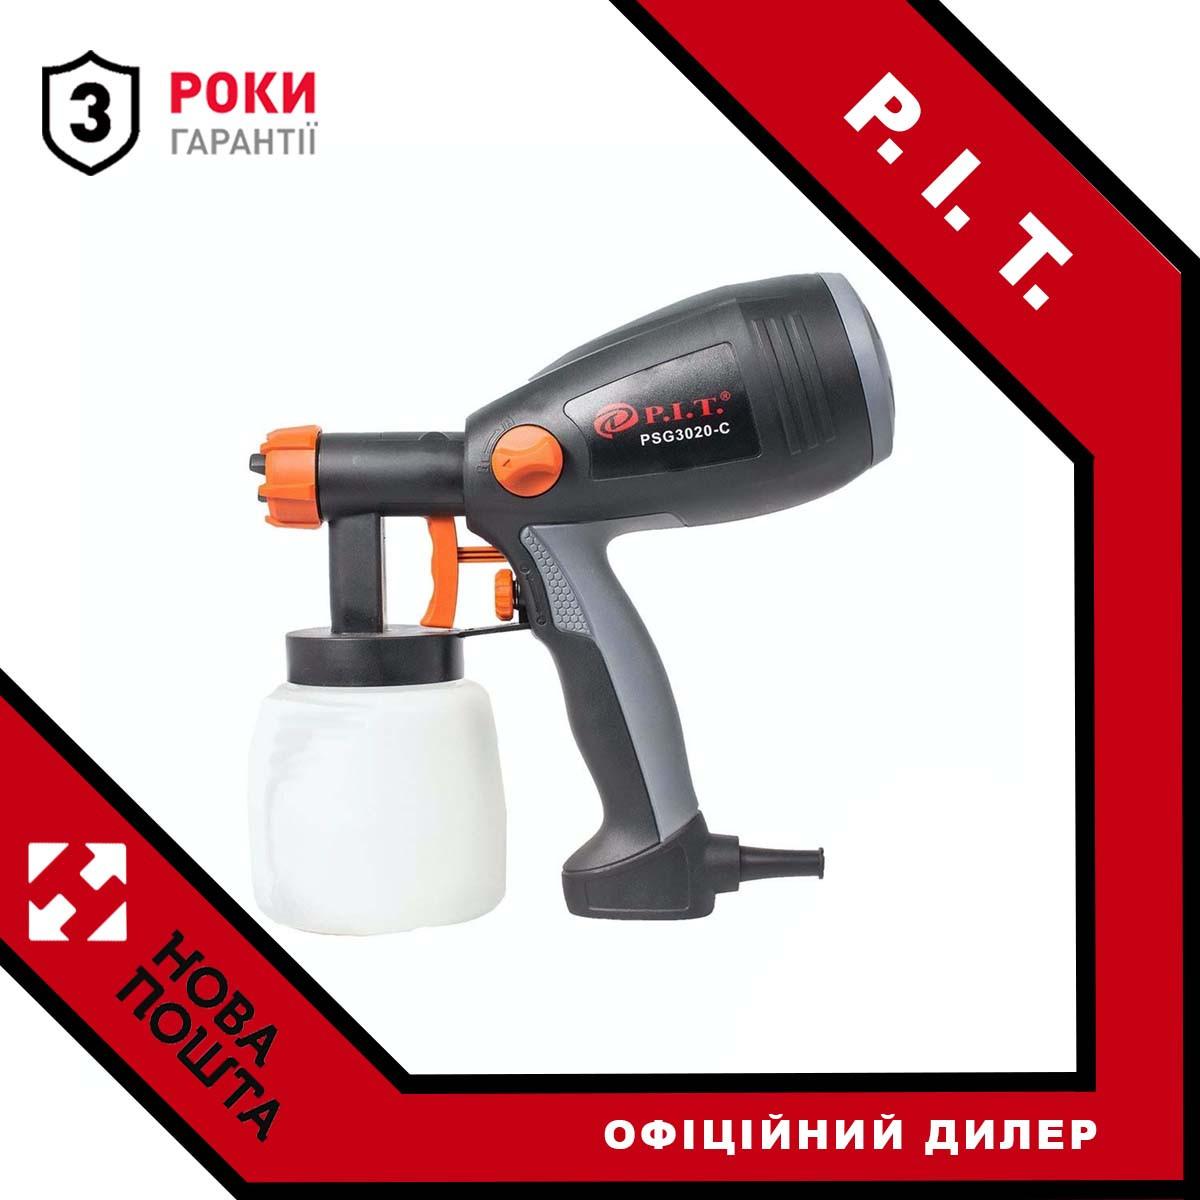 Краскопульт P. I. T. PSG3020-C